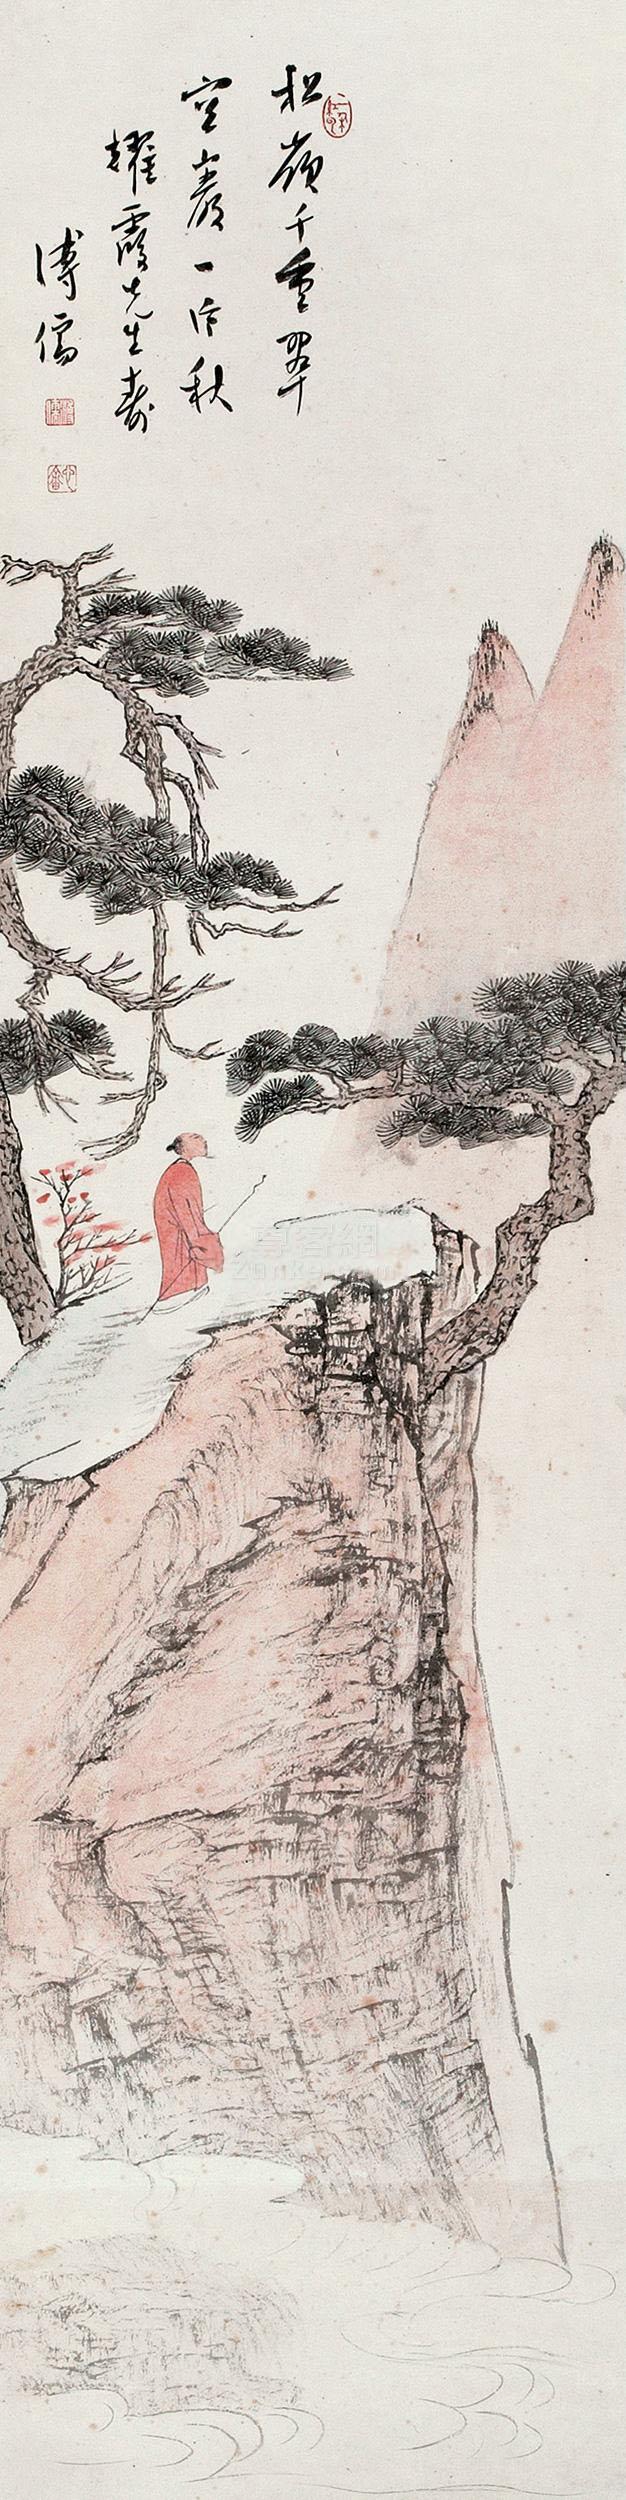 溥儒 松岭千重翠 镜片 设色纸本作品欣赏